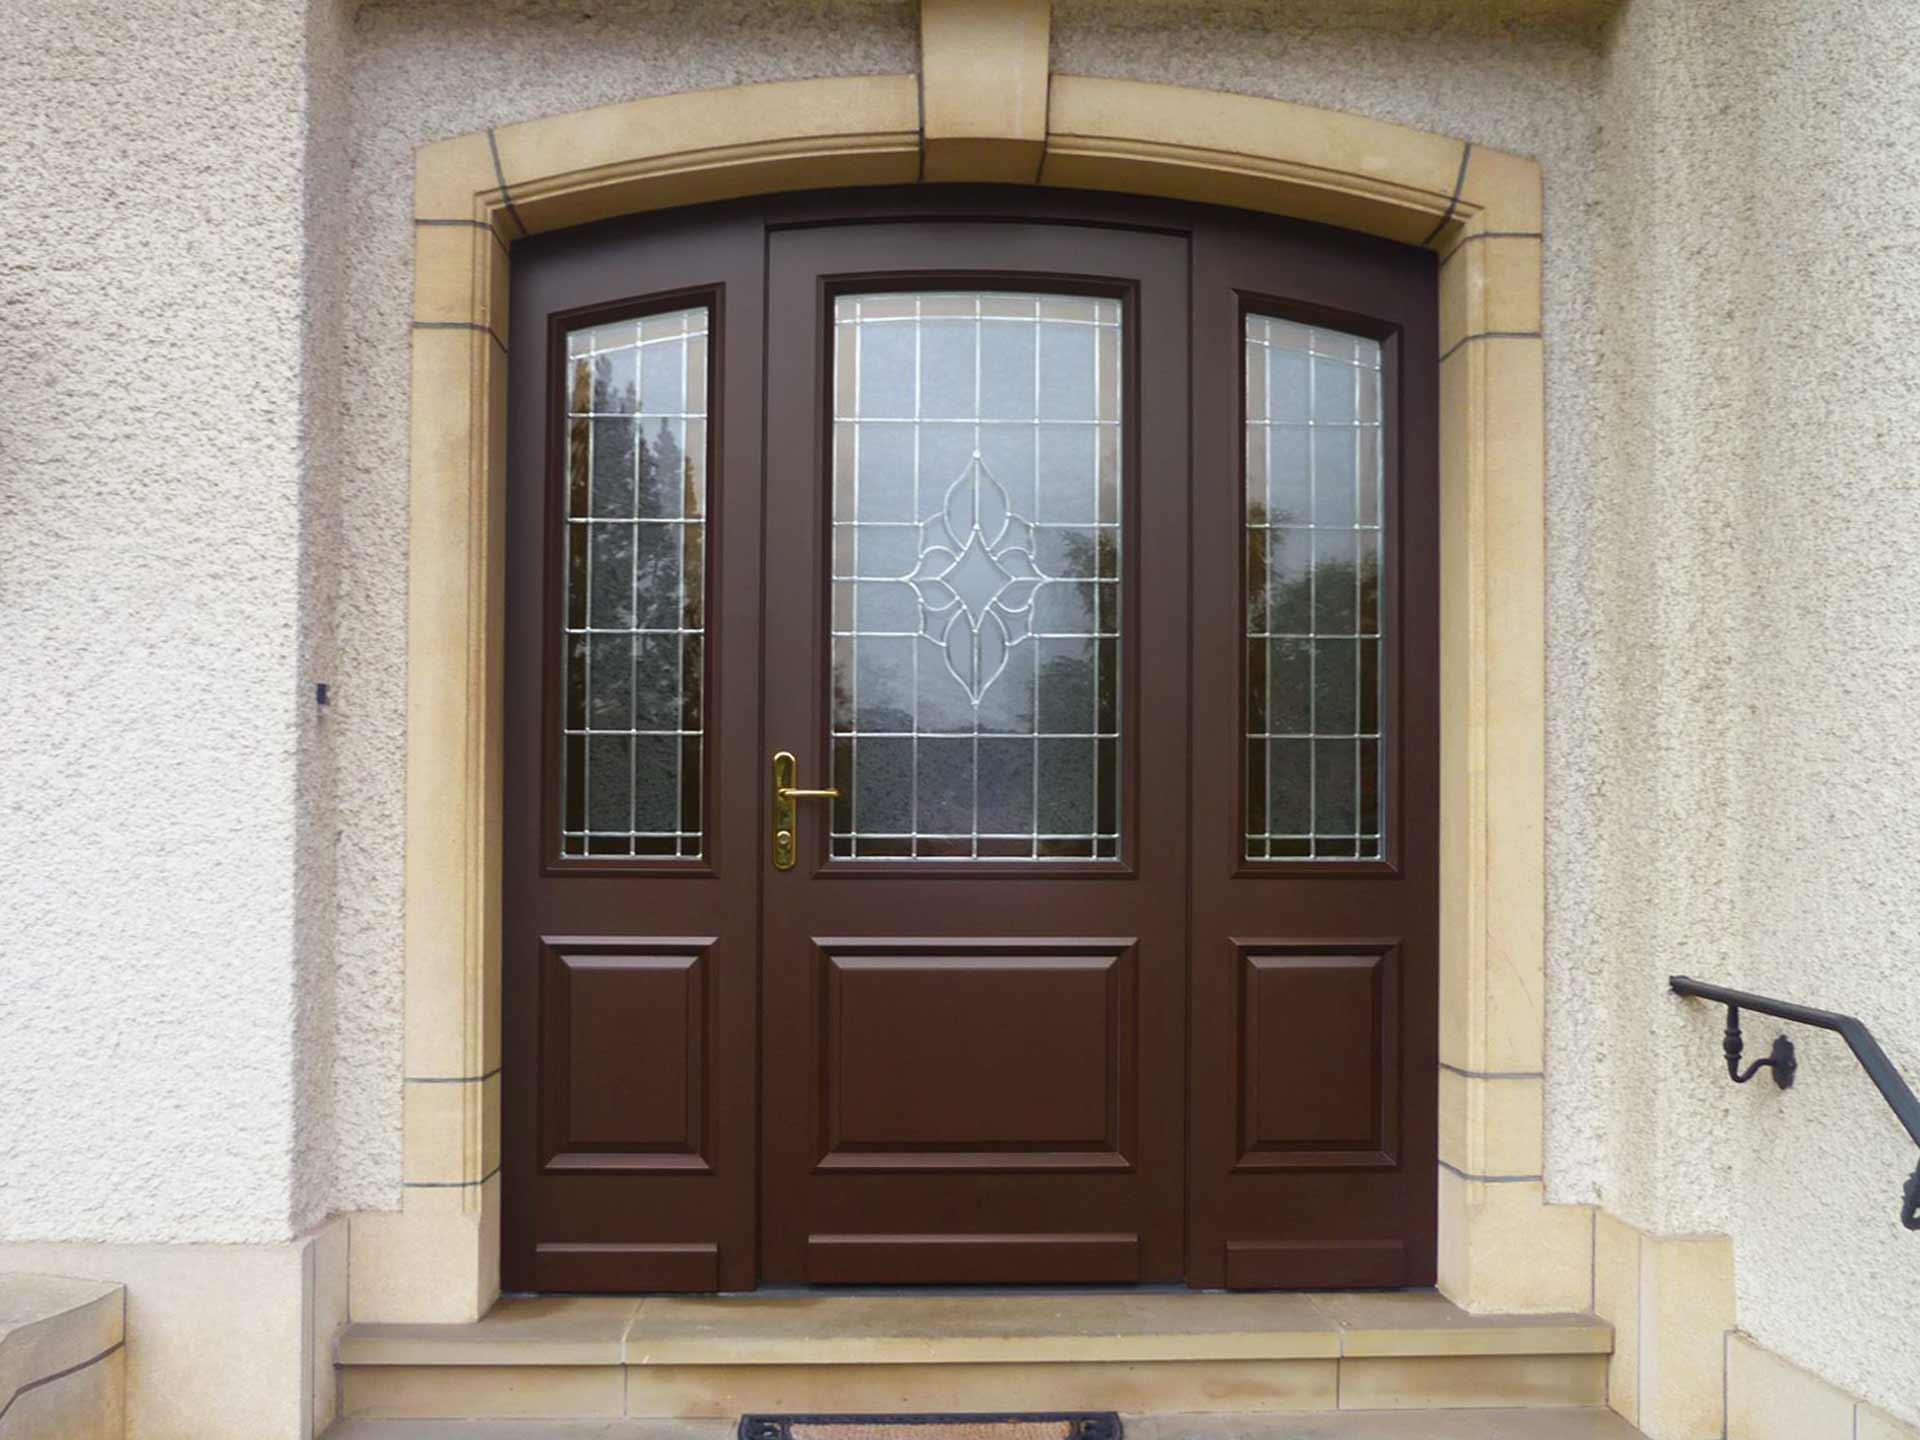 Nahaufnahme des Eingangsbereichs eines weißen Einfamilienhauses mit Blick auf die neue braune Coplaning Haustür.